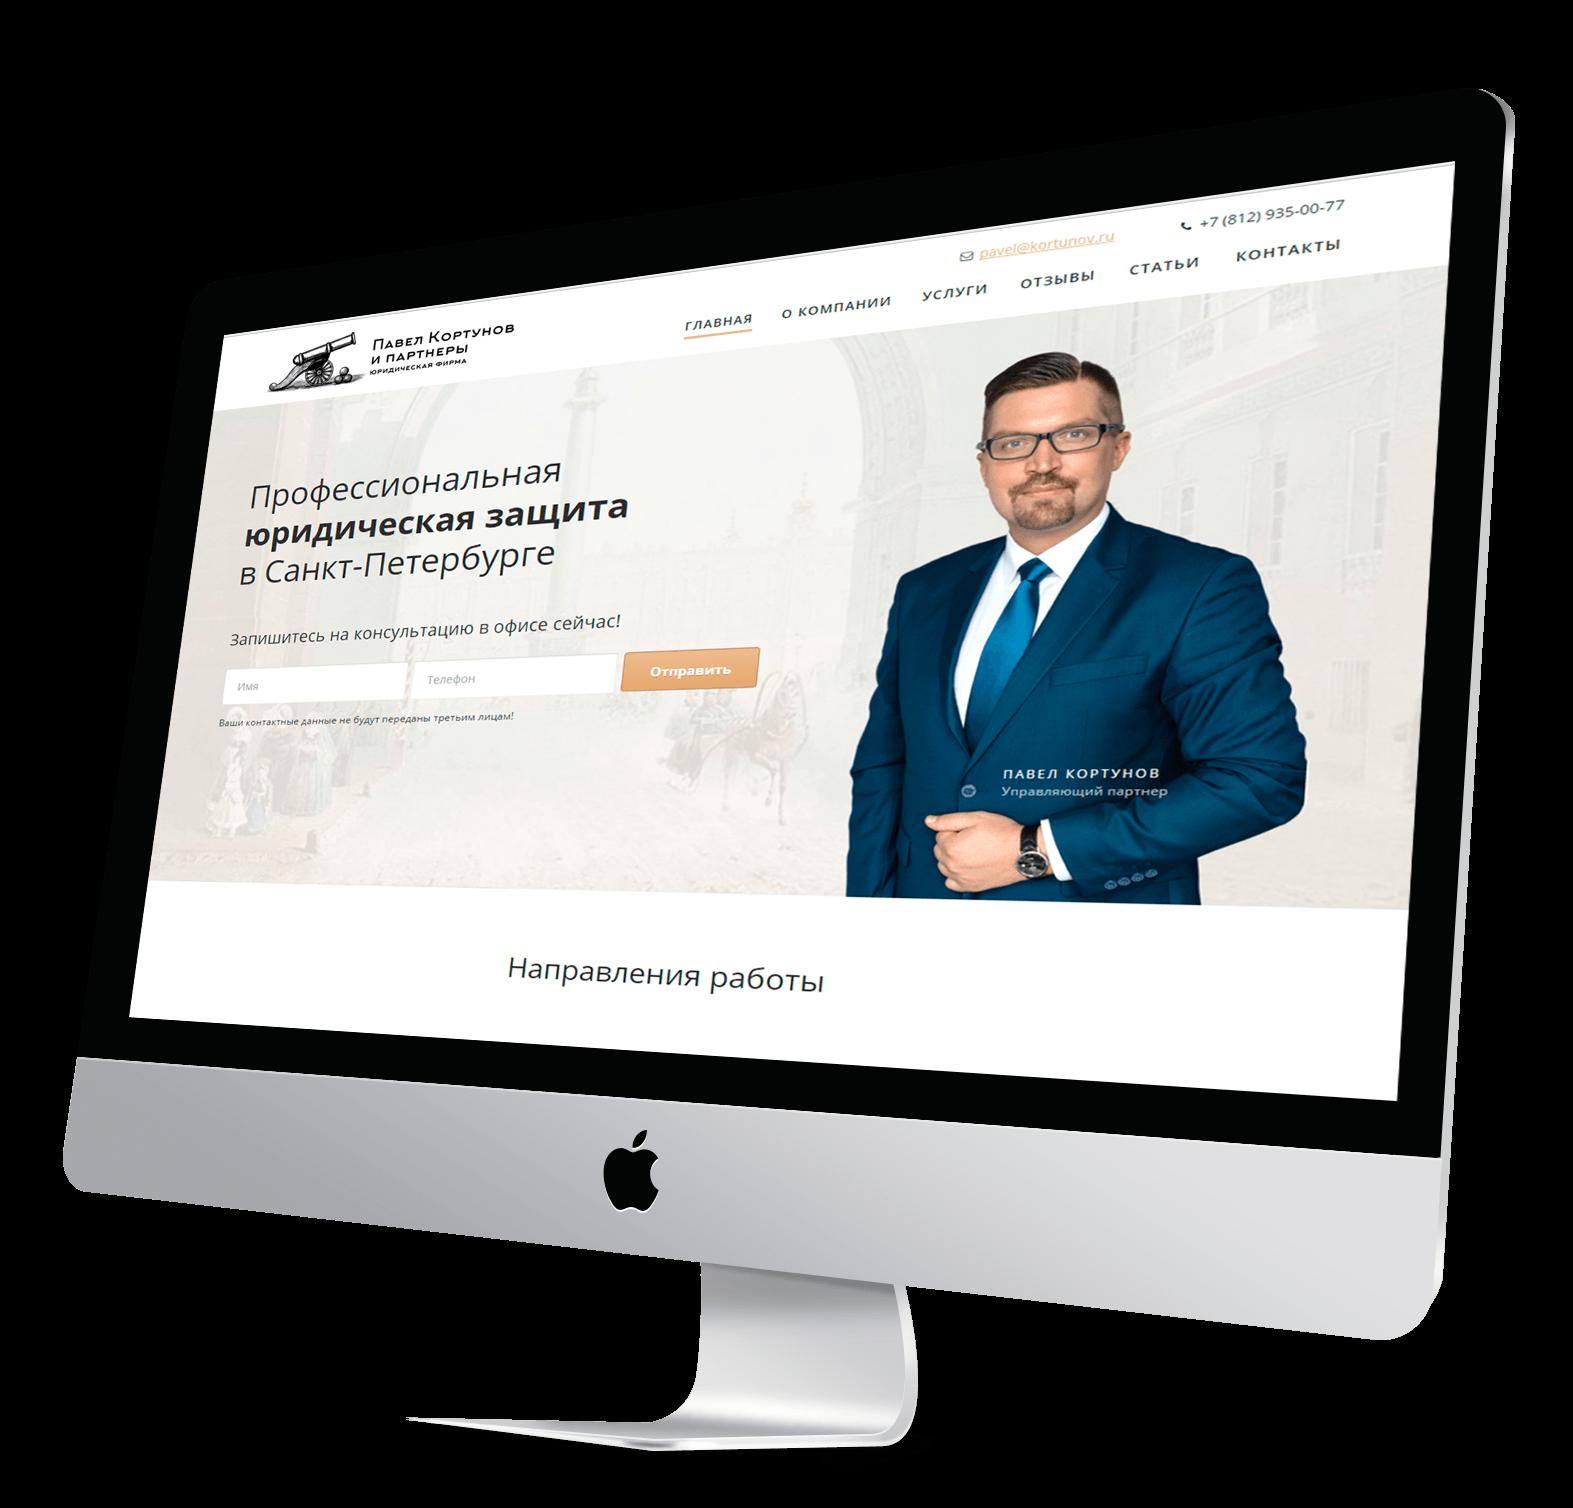 пример юридического сайта